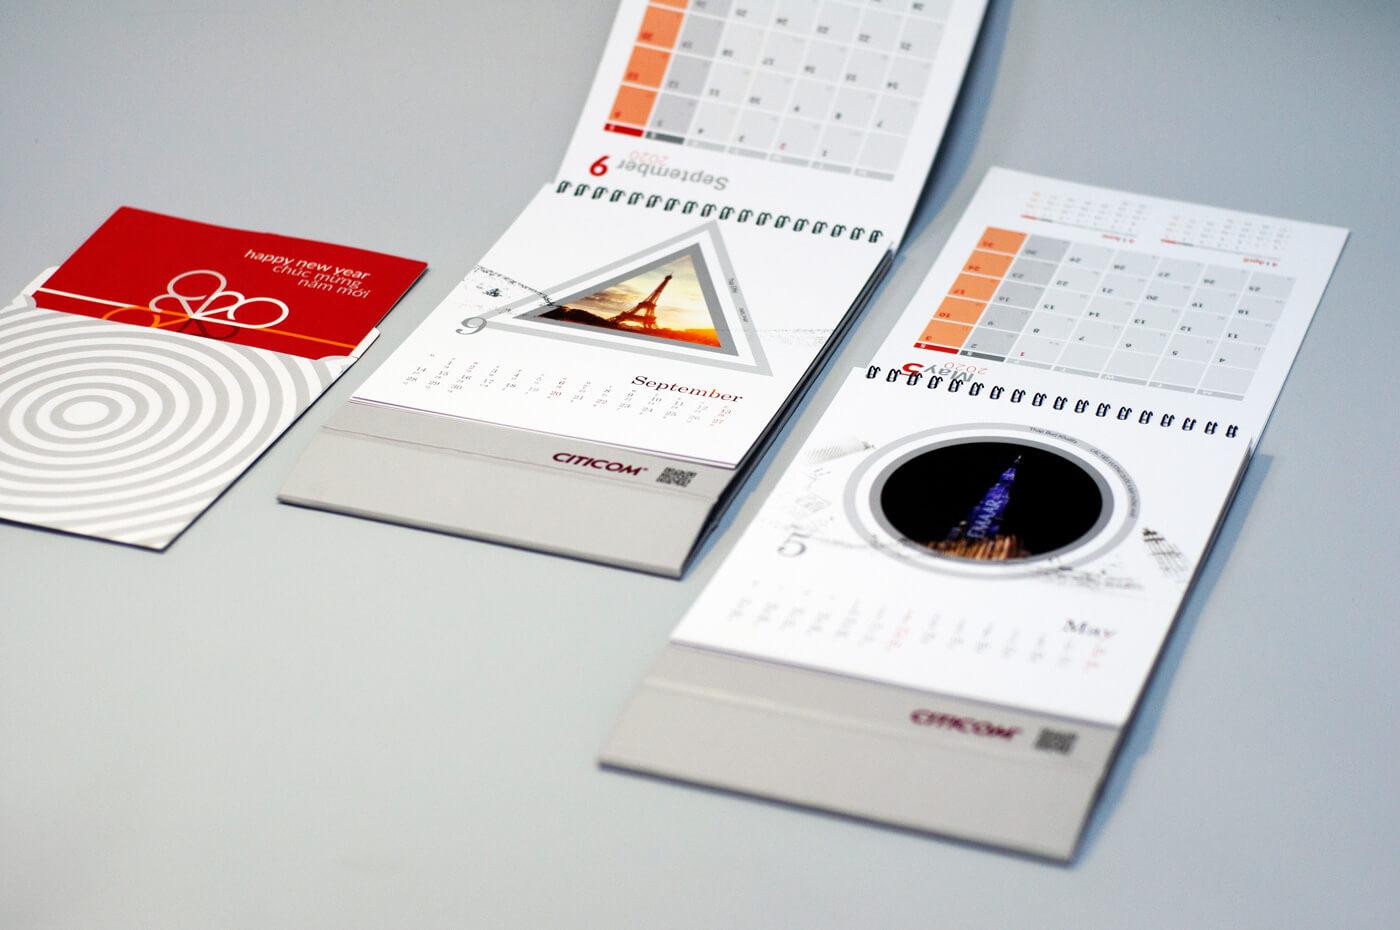 Thiết kế bộ lịch năm mới Citicom 2020